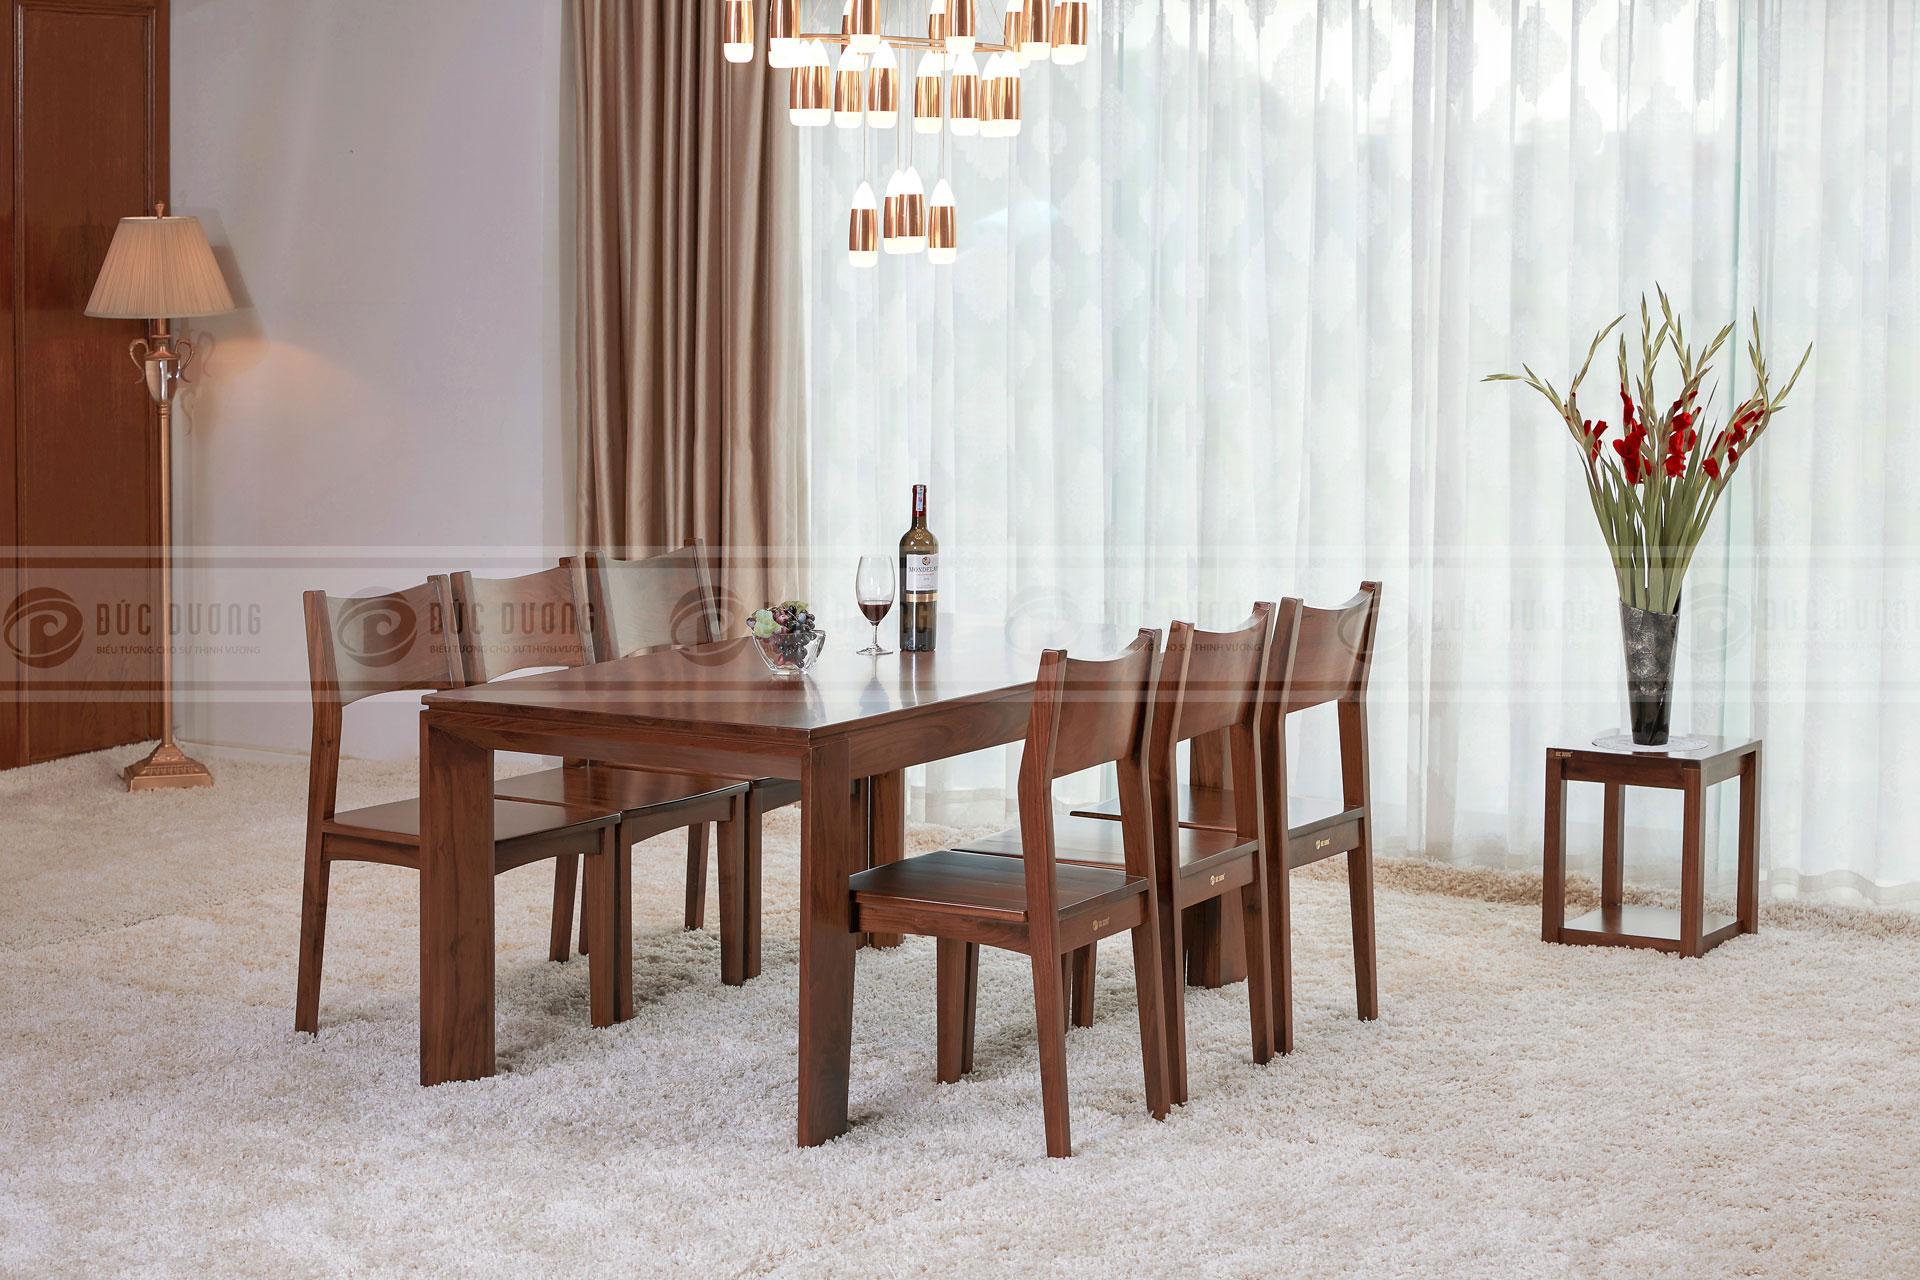 Bộ bàn ghế ăn Gill